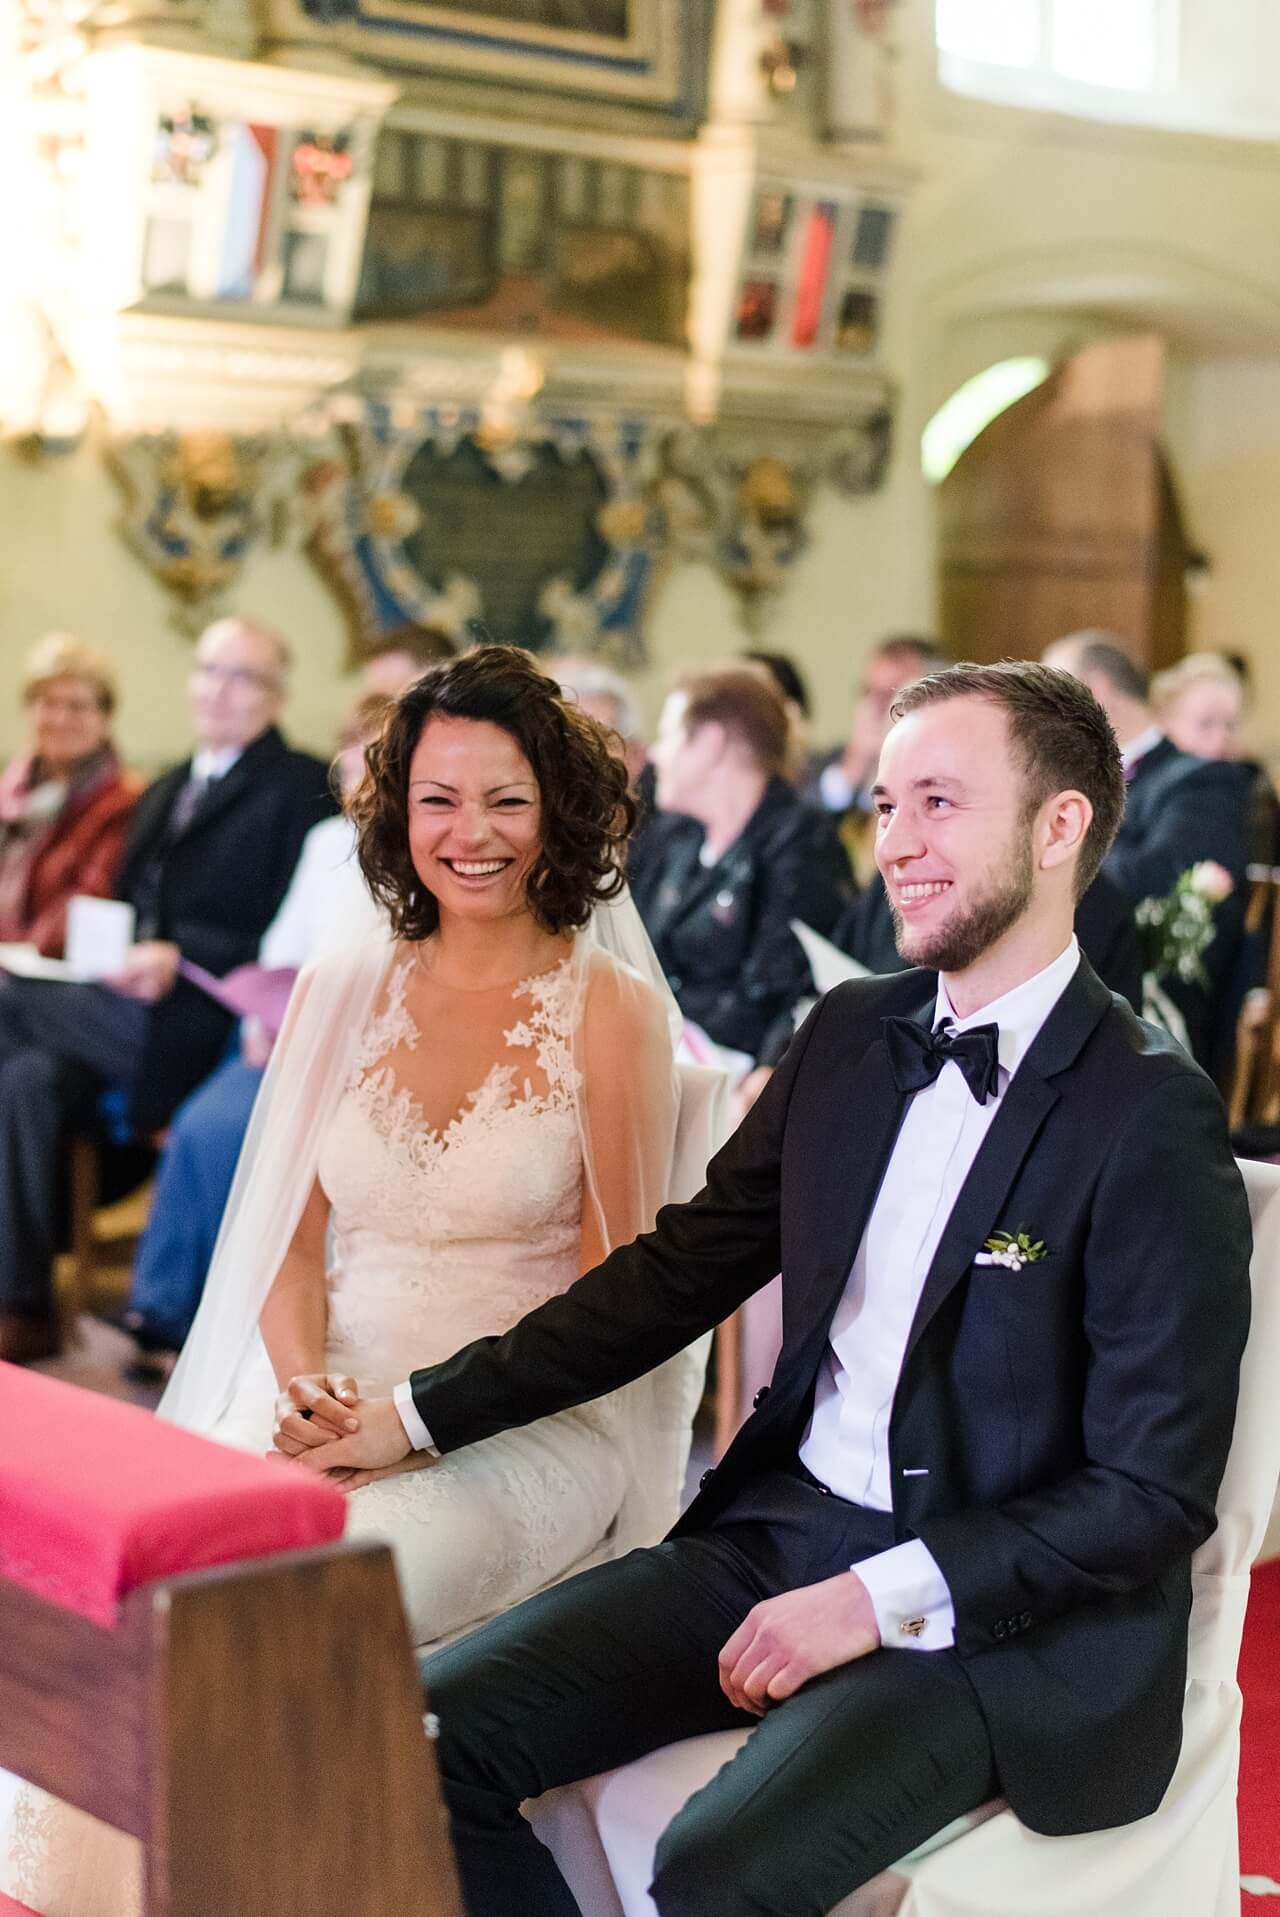 Rebecca Conte Fotografie: Hochzeit auf Schloss Neuhaus 24